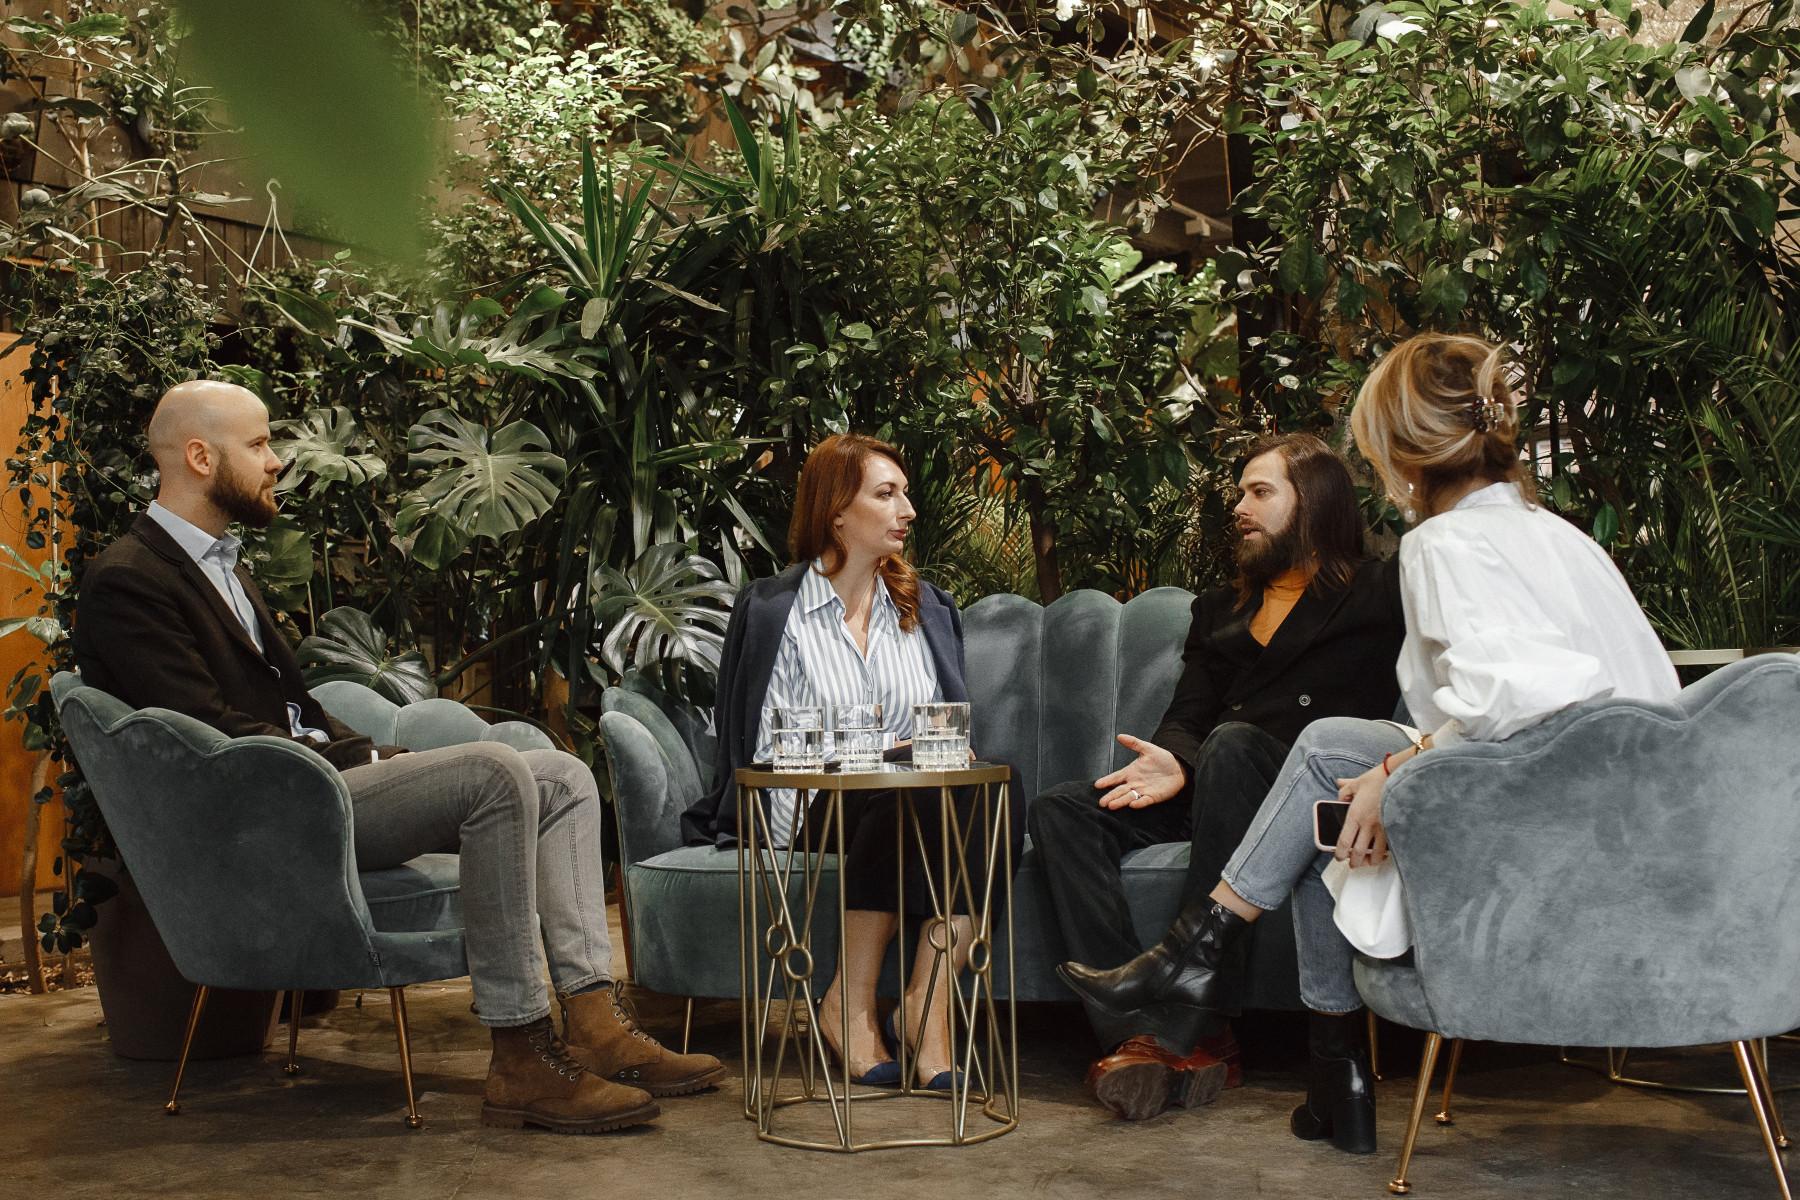 Интервью с представителями компании Decor4Rent: аренда мебели